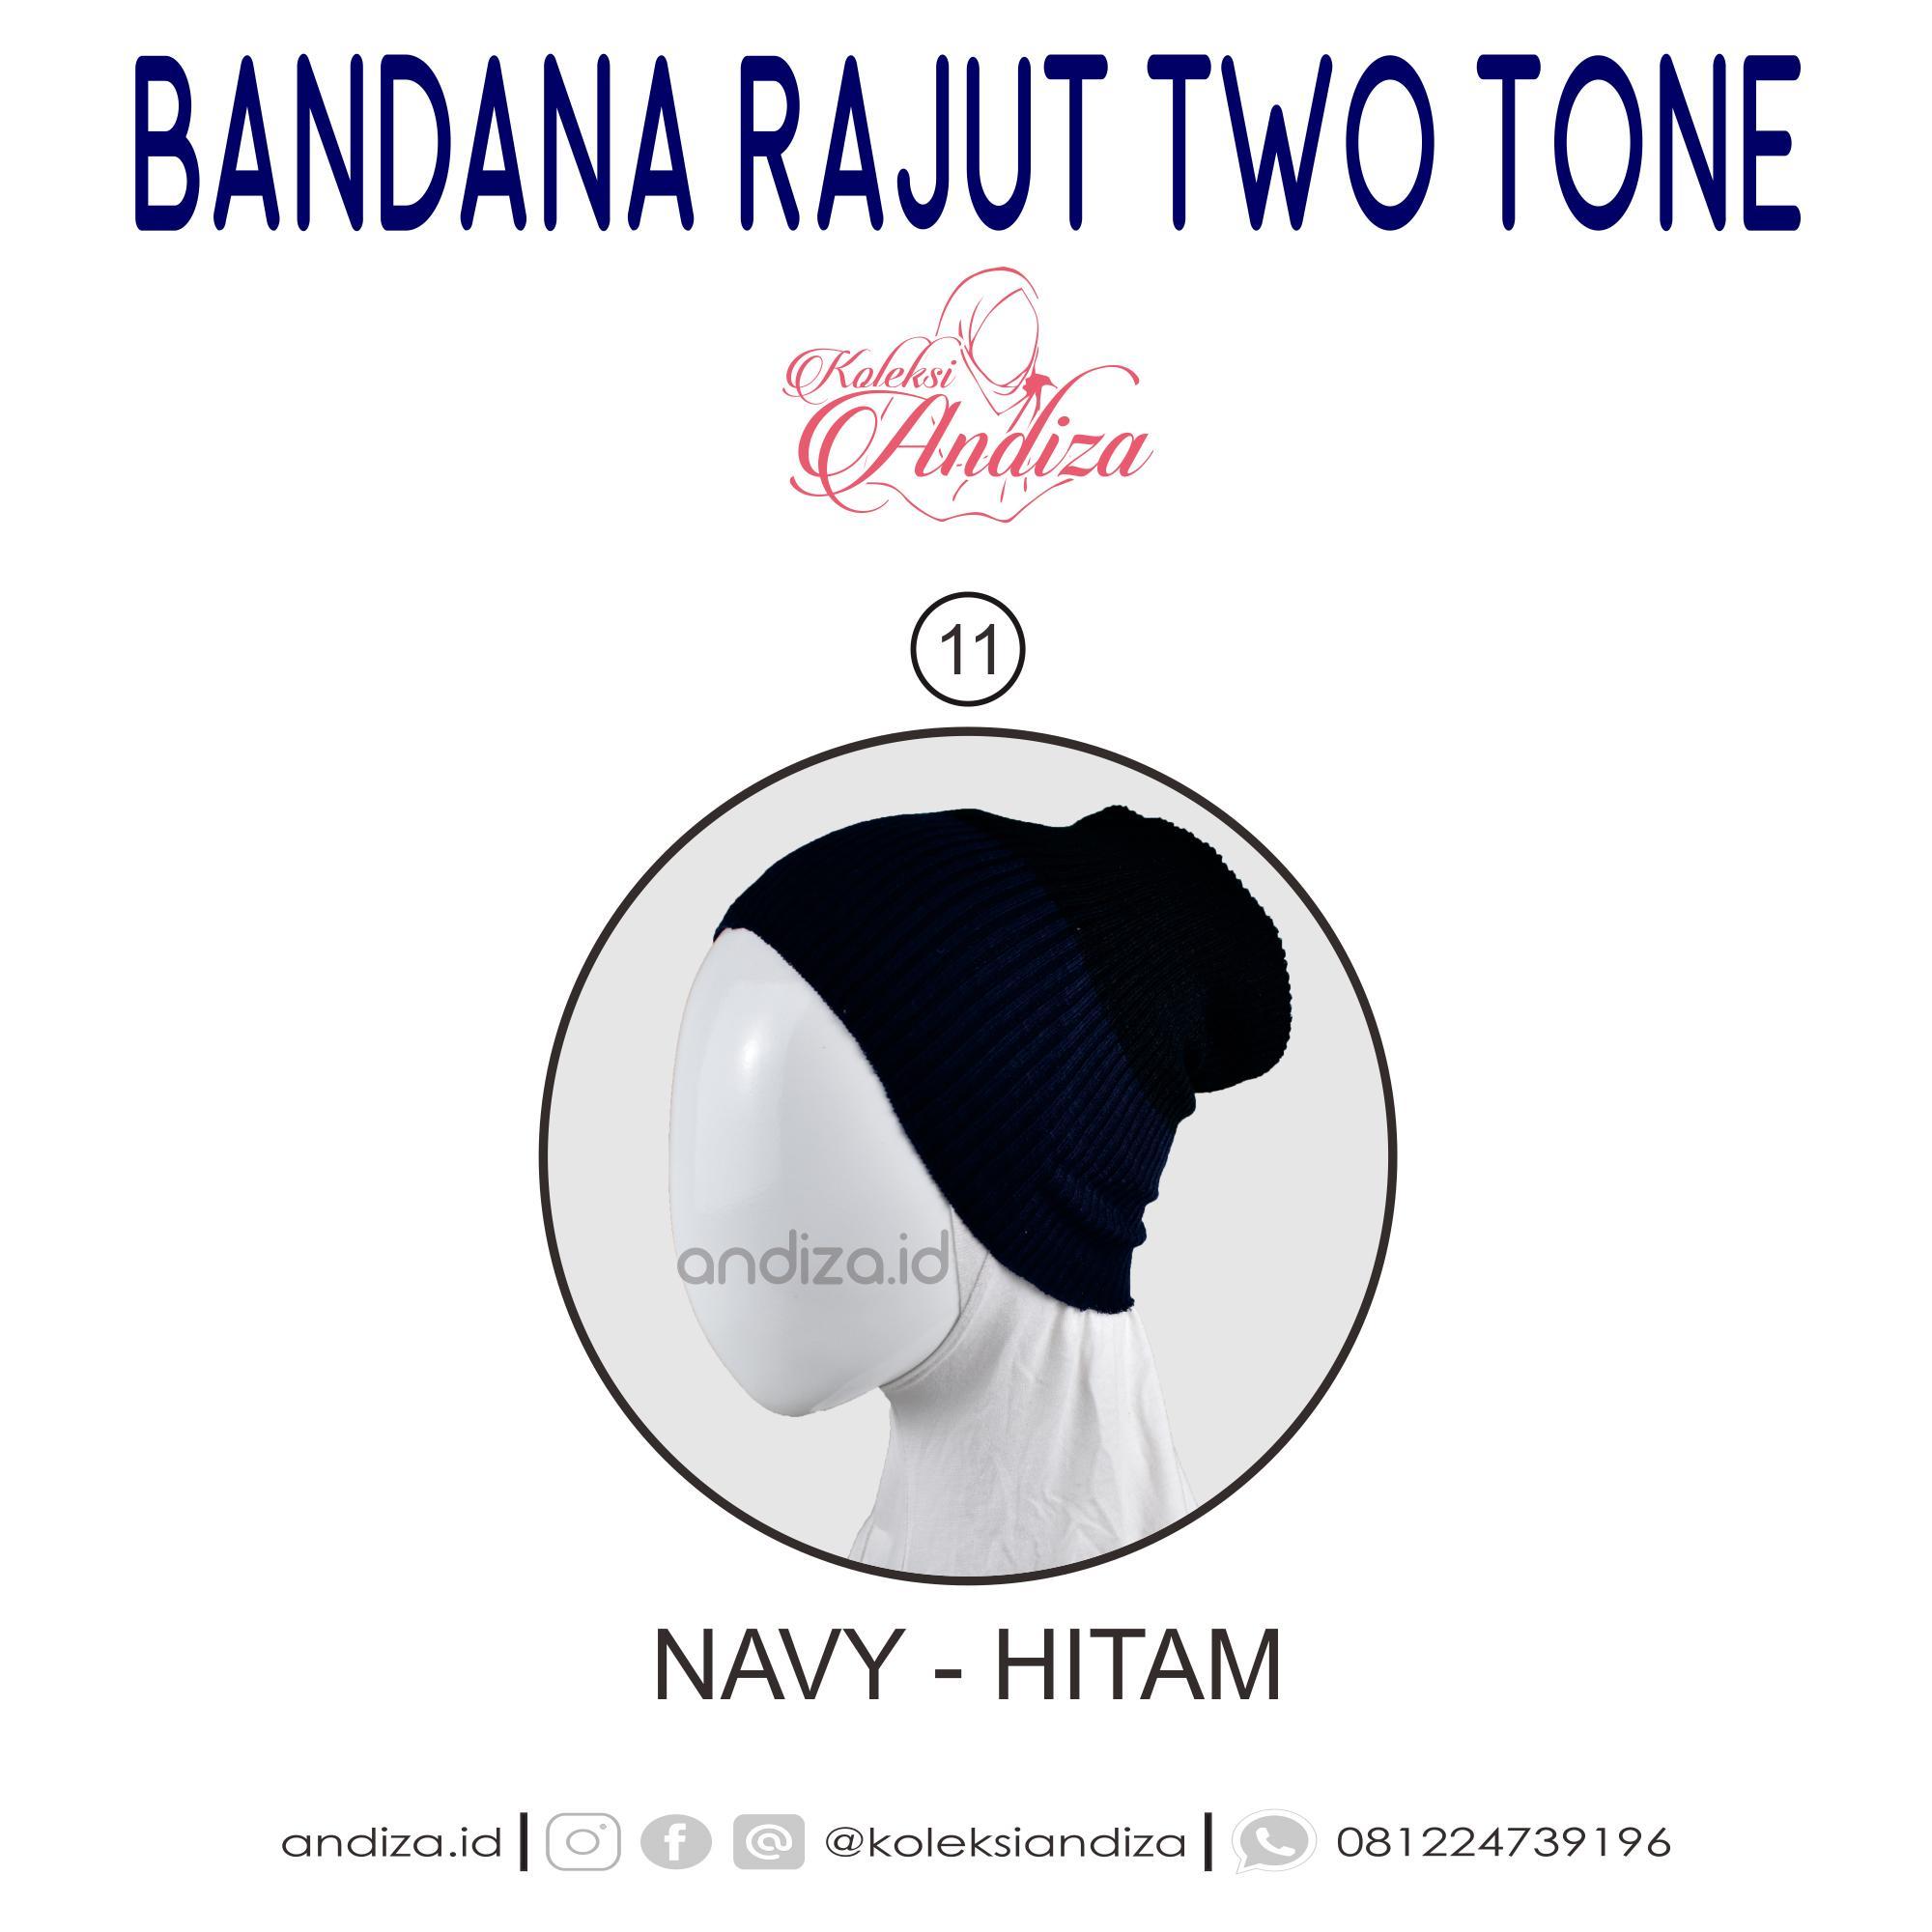 andiza - Bandana rajut two tone - satu ciput isi 2 dua warna - lebih hemat nyaman dan berkualitas